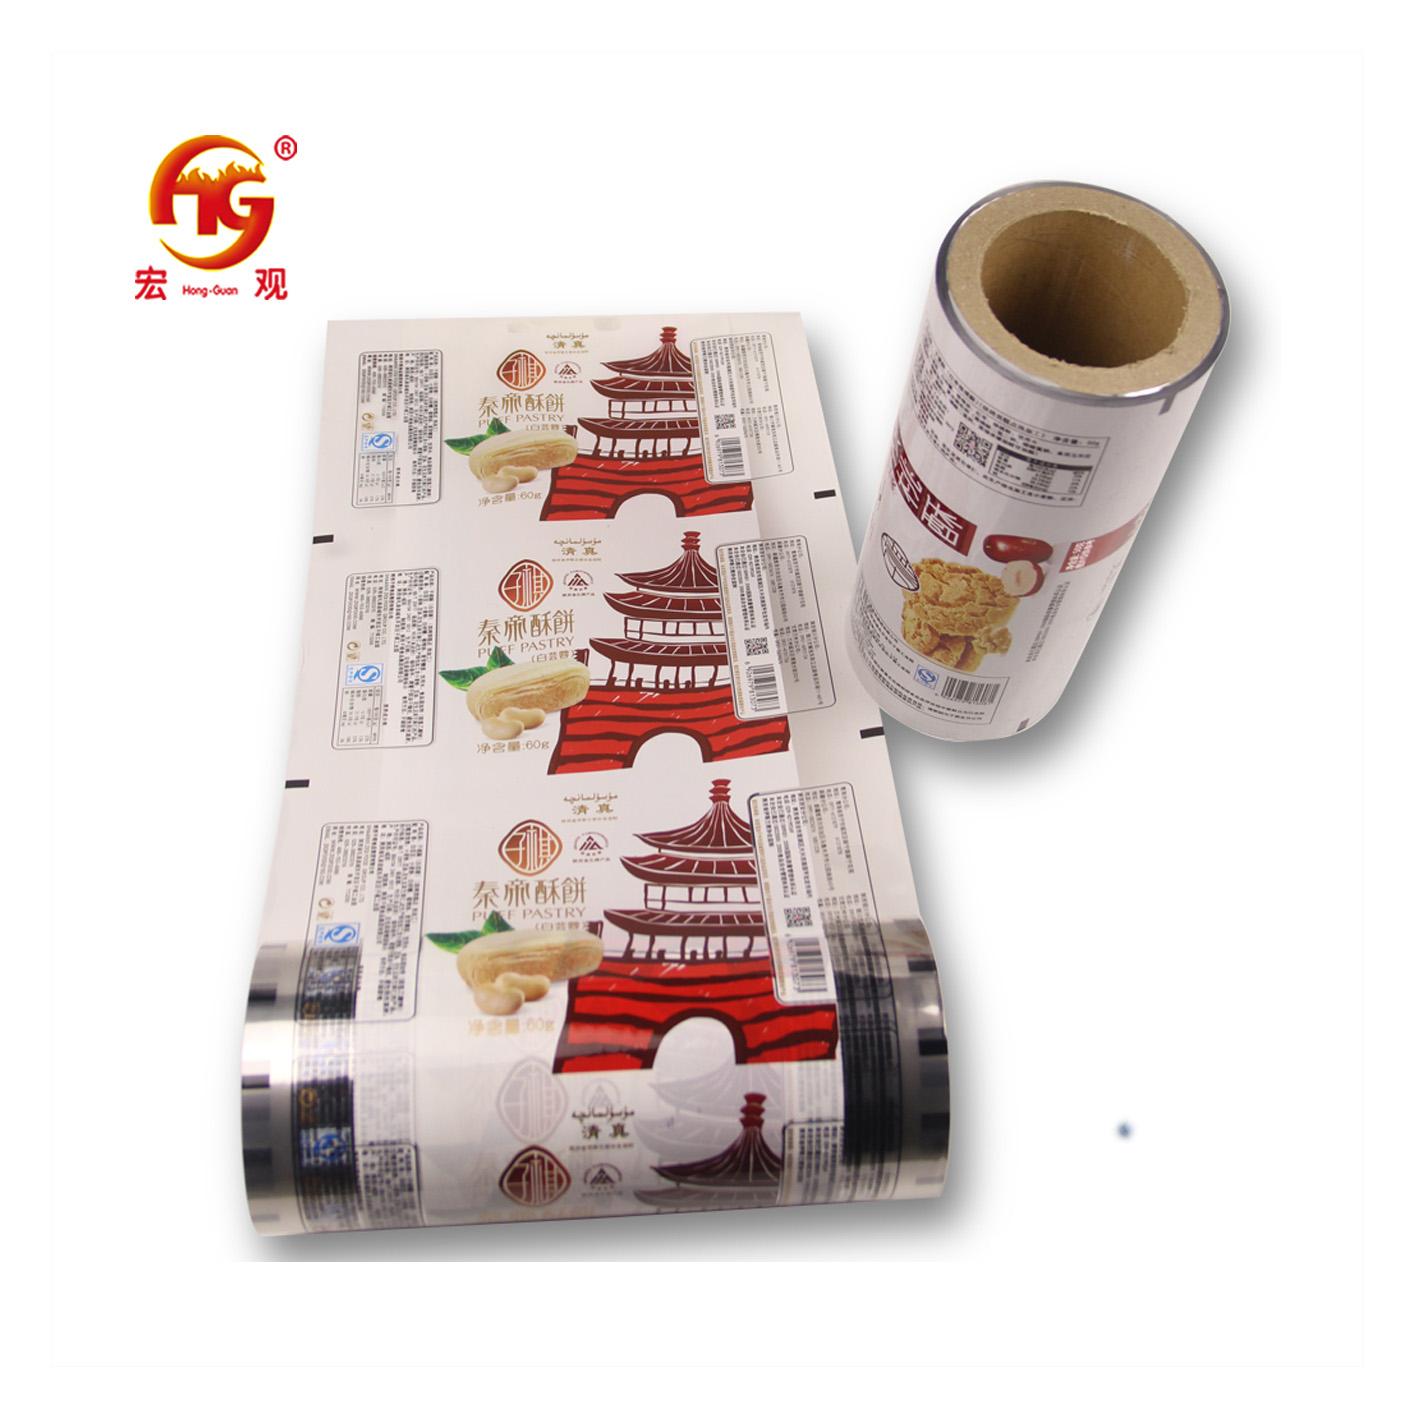 Wiederverschließbare Kunststoff-Schrumpffolienrolle, luftdichte Folien für die Lebensmittelverpackung